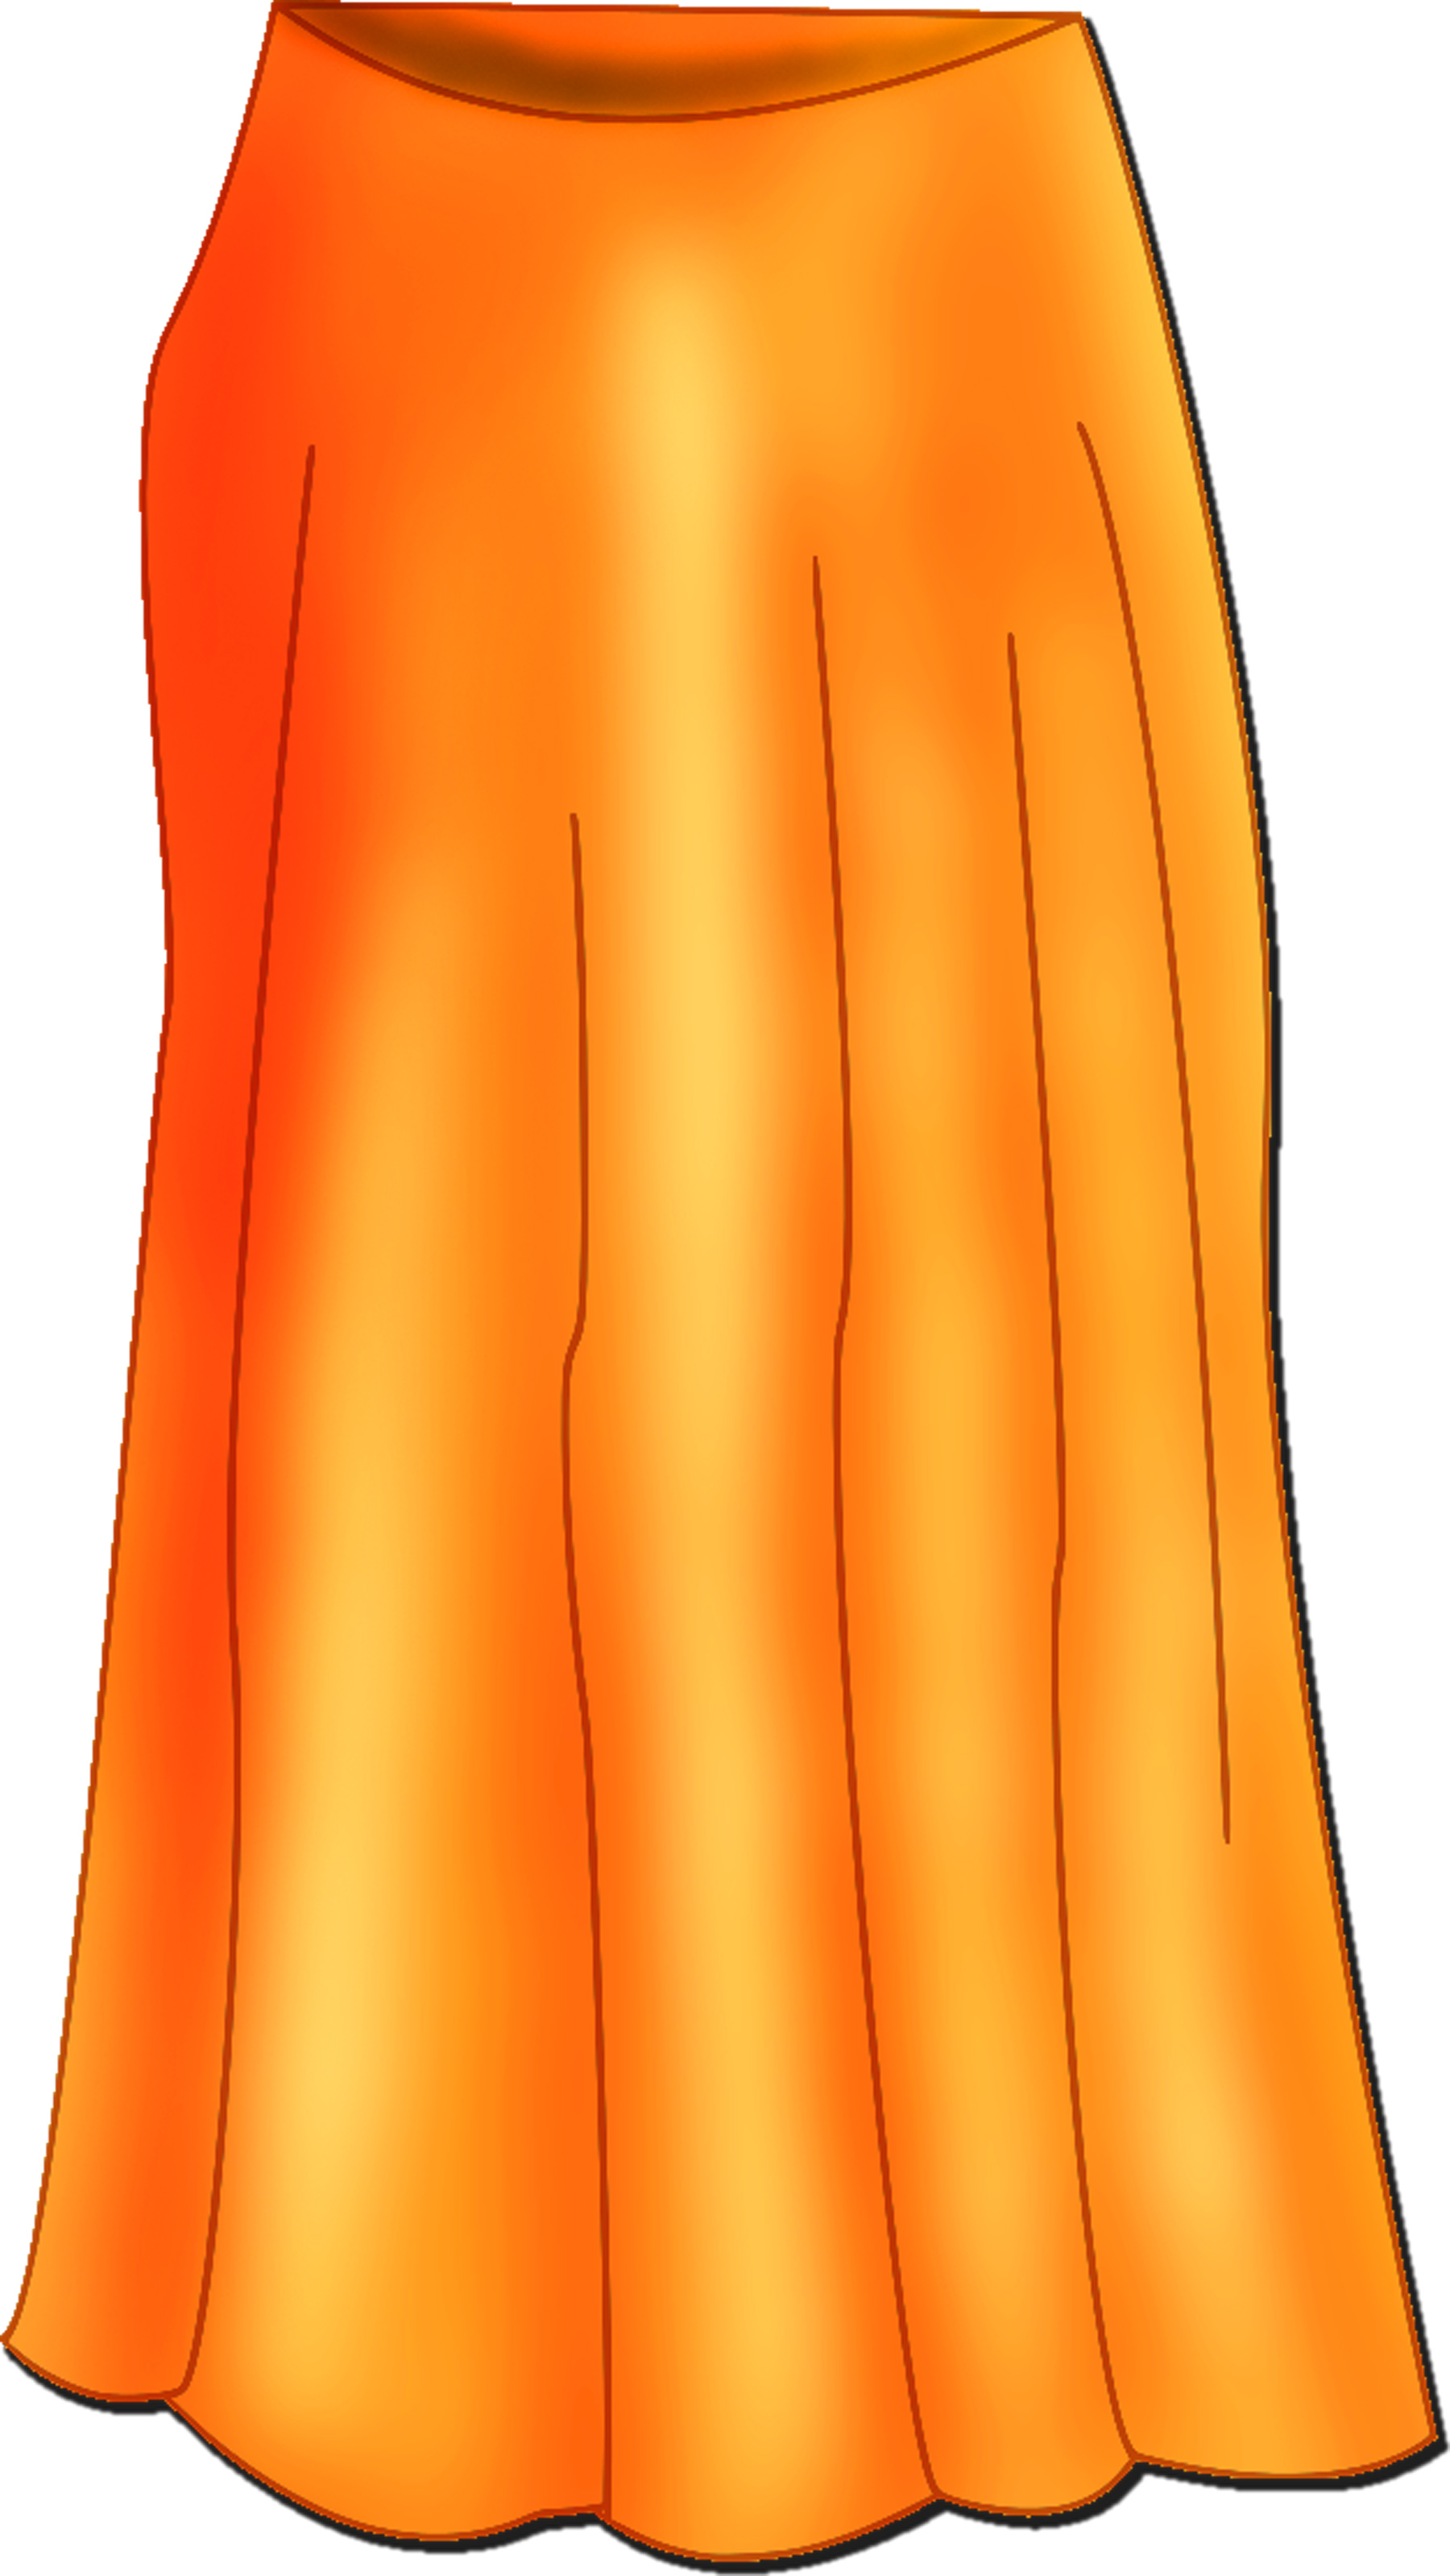 Skirt Clip Art.